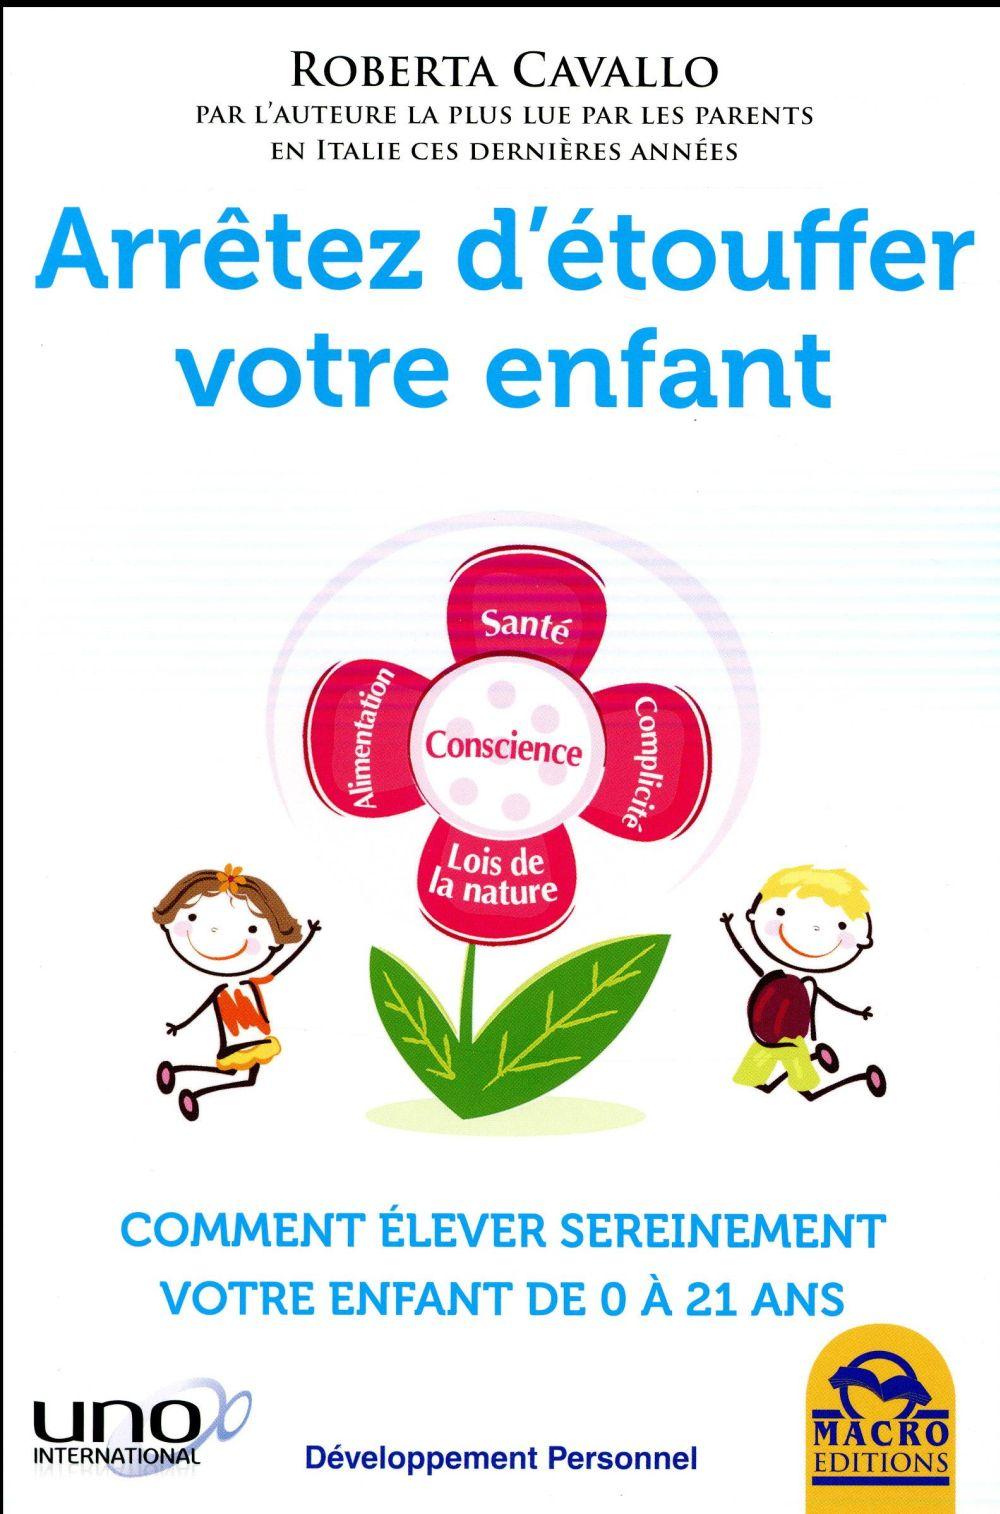 ARRETEZ D ETOUFFER VOTRE ENFANT - COMMENT ELEVER SEREINEMENT VOTRE ENFANT DE 0 A 21 ANS